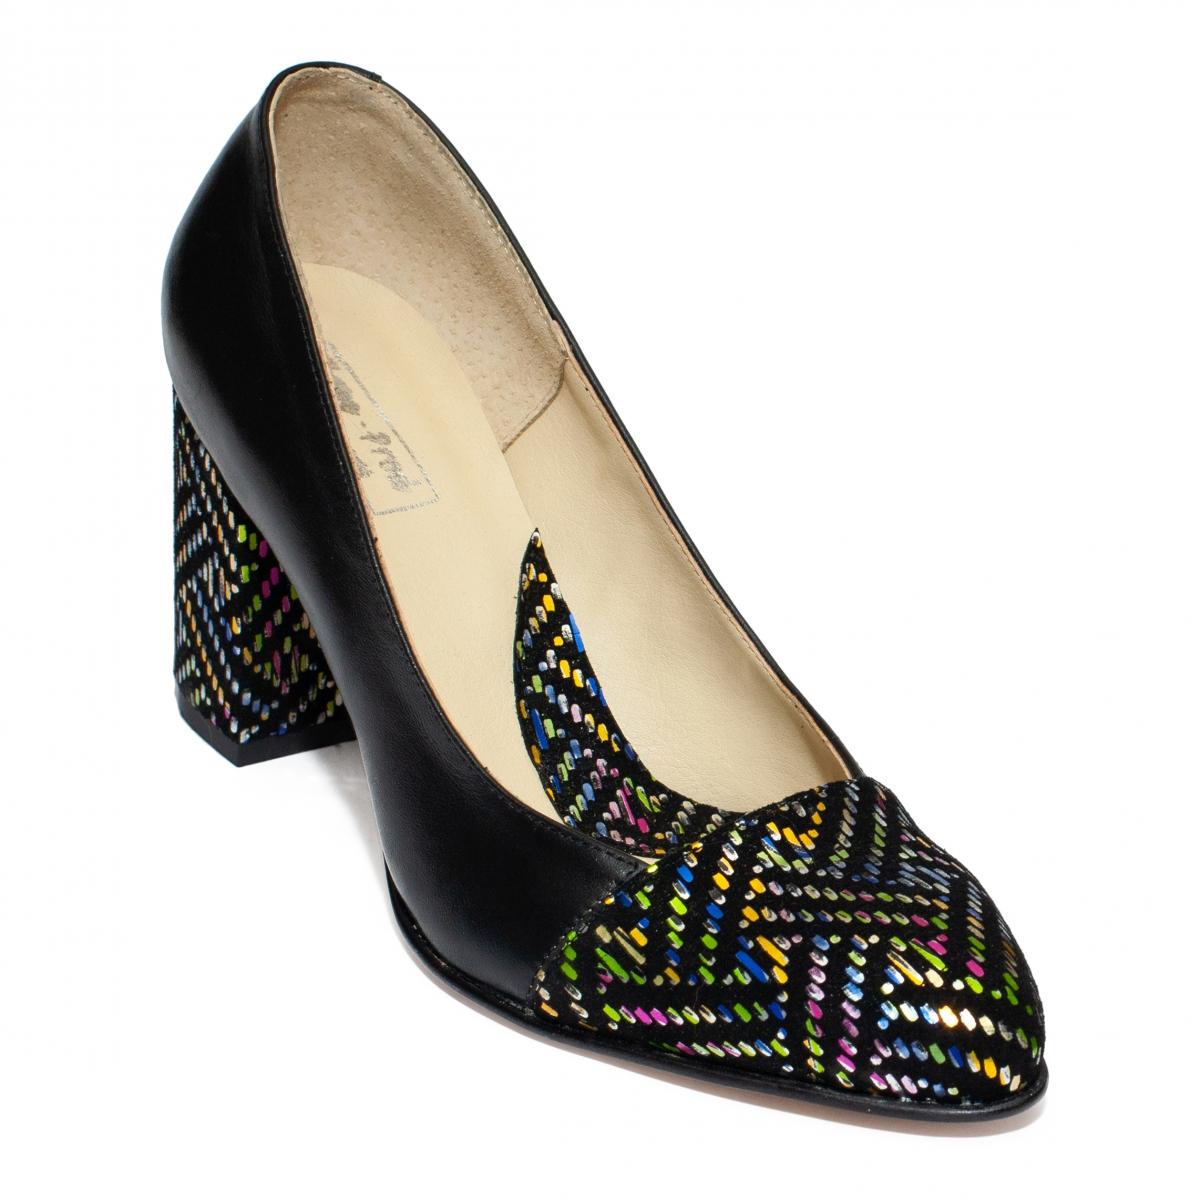 Pantofi cu toc dama 544.1 negru pipit color 33-40